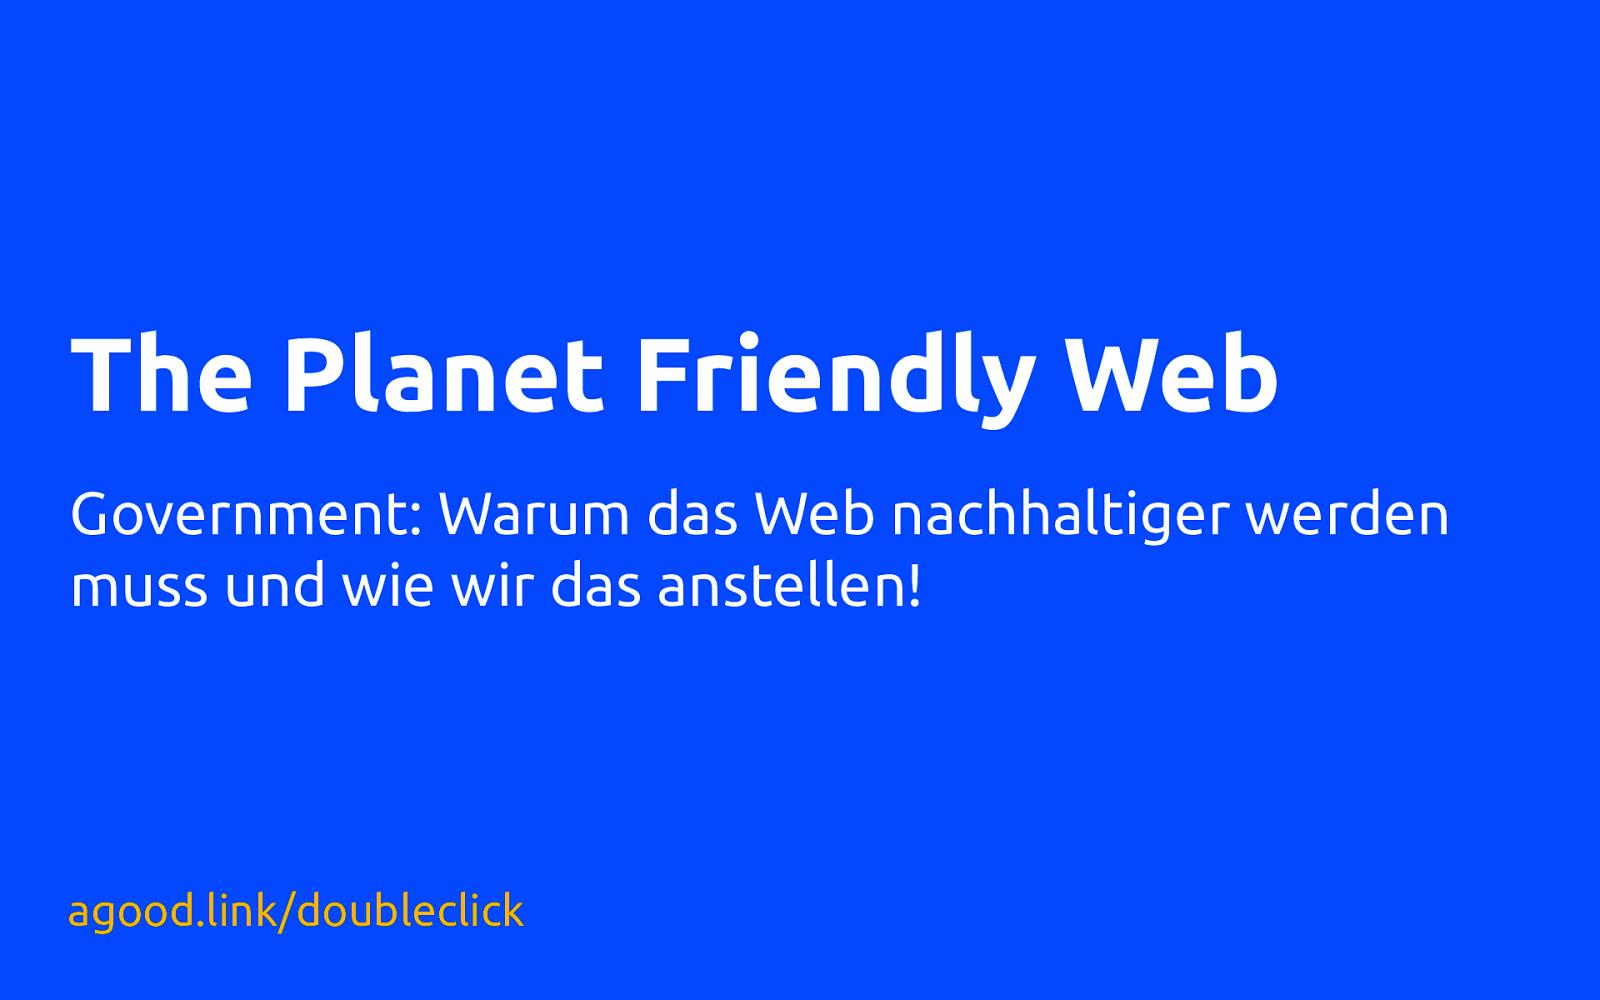 Warum unser Web nachhaltiger werden muss und wie wir das anstellen! (Government)